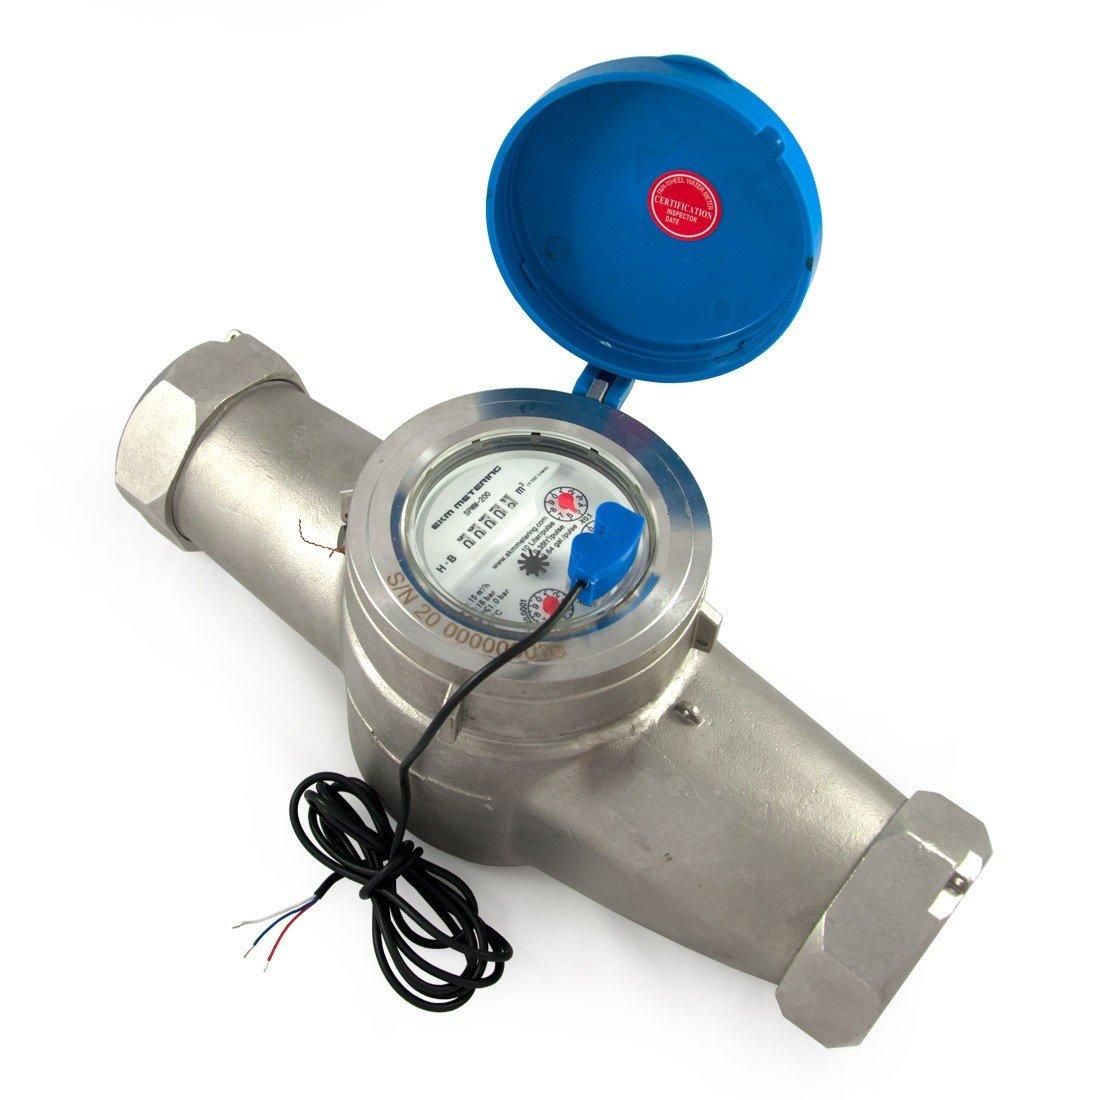 2'' Water Meter - Stainless Steel, Pulse Output by EKM Metering Inc. (Image #1)